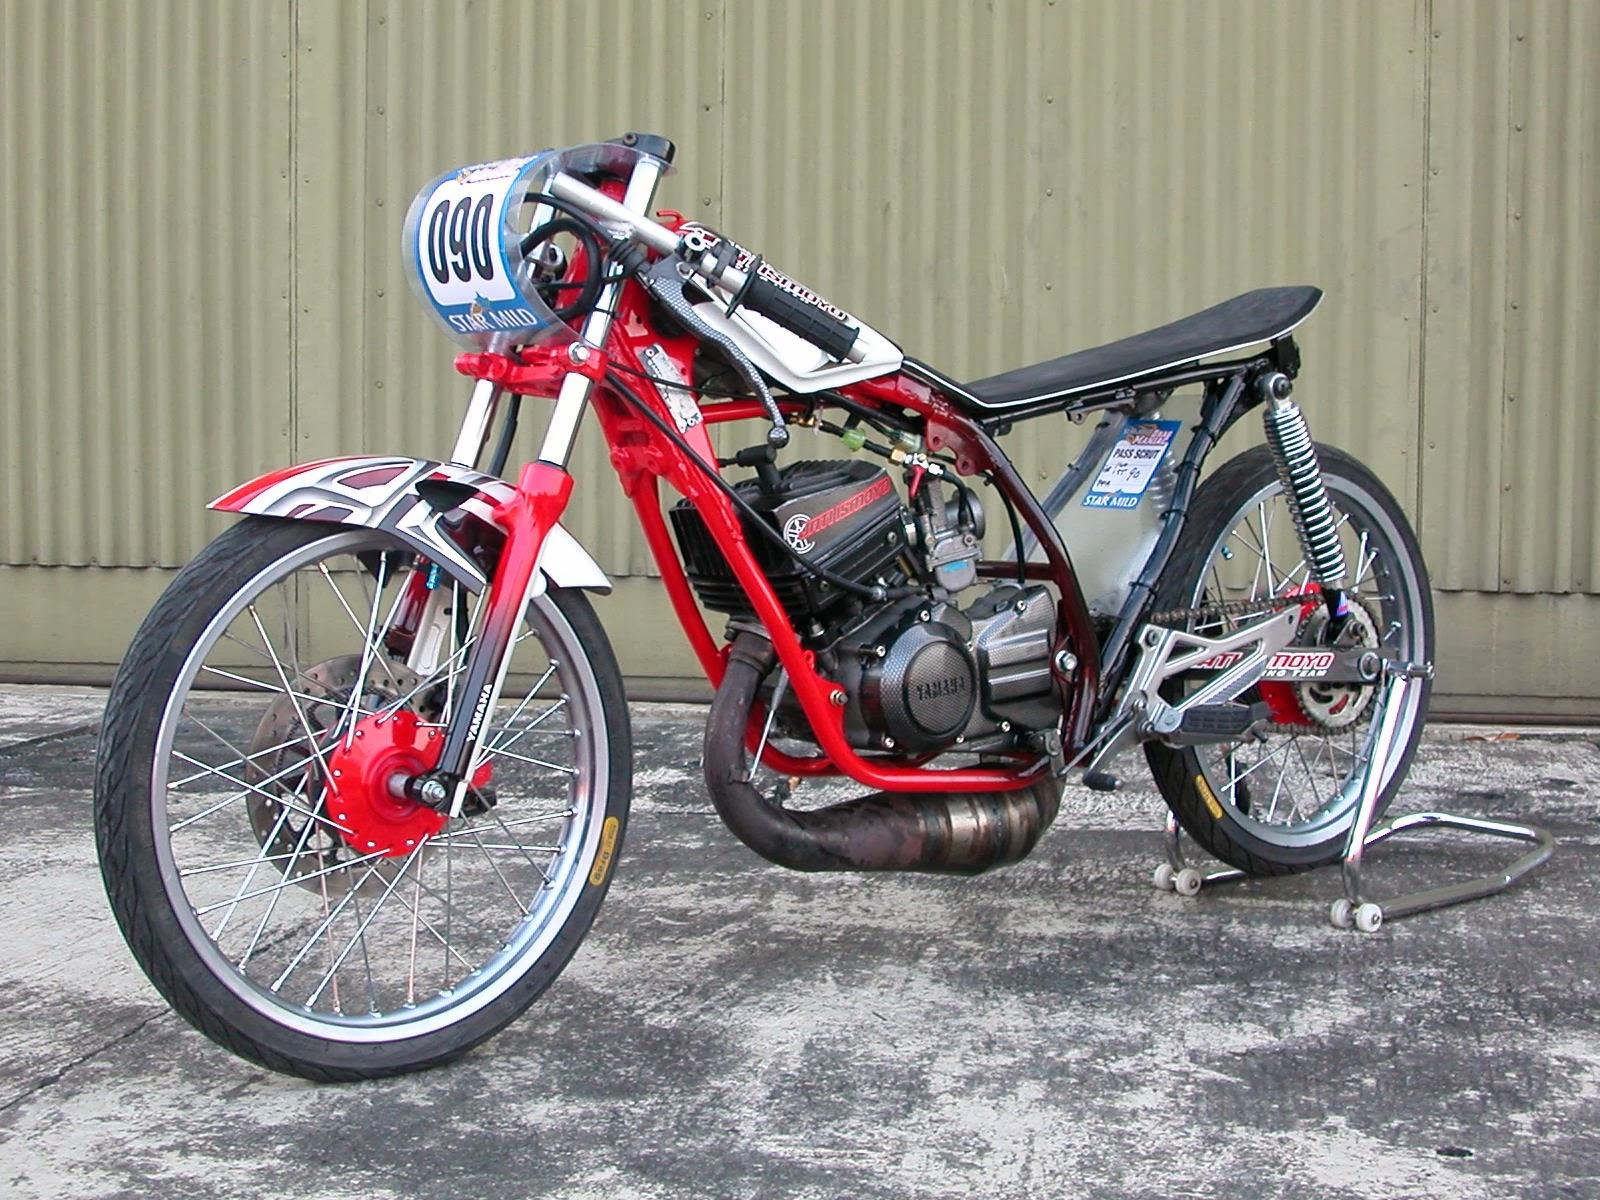 Gambar Sepeda Motor Drag Dari Pensil Lokerteen